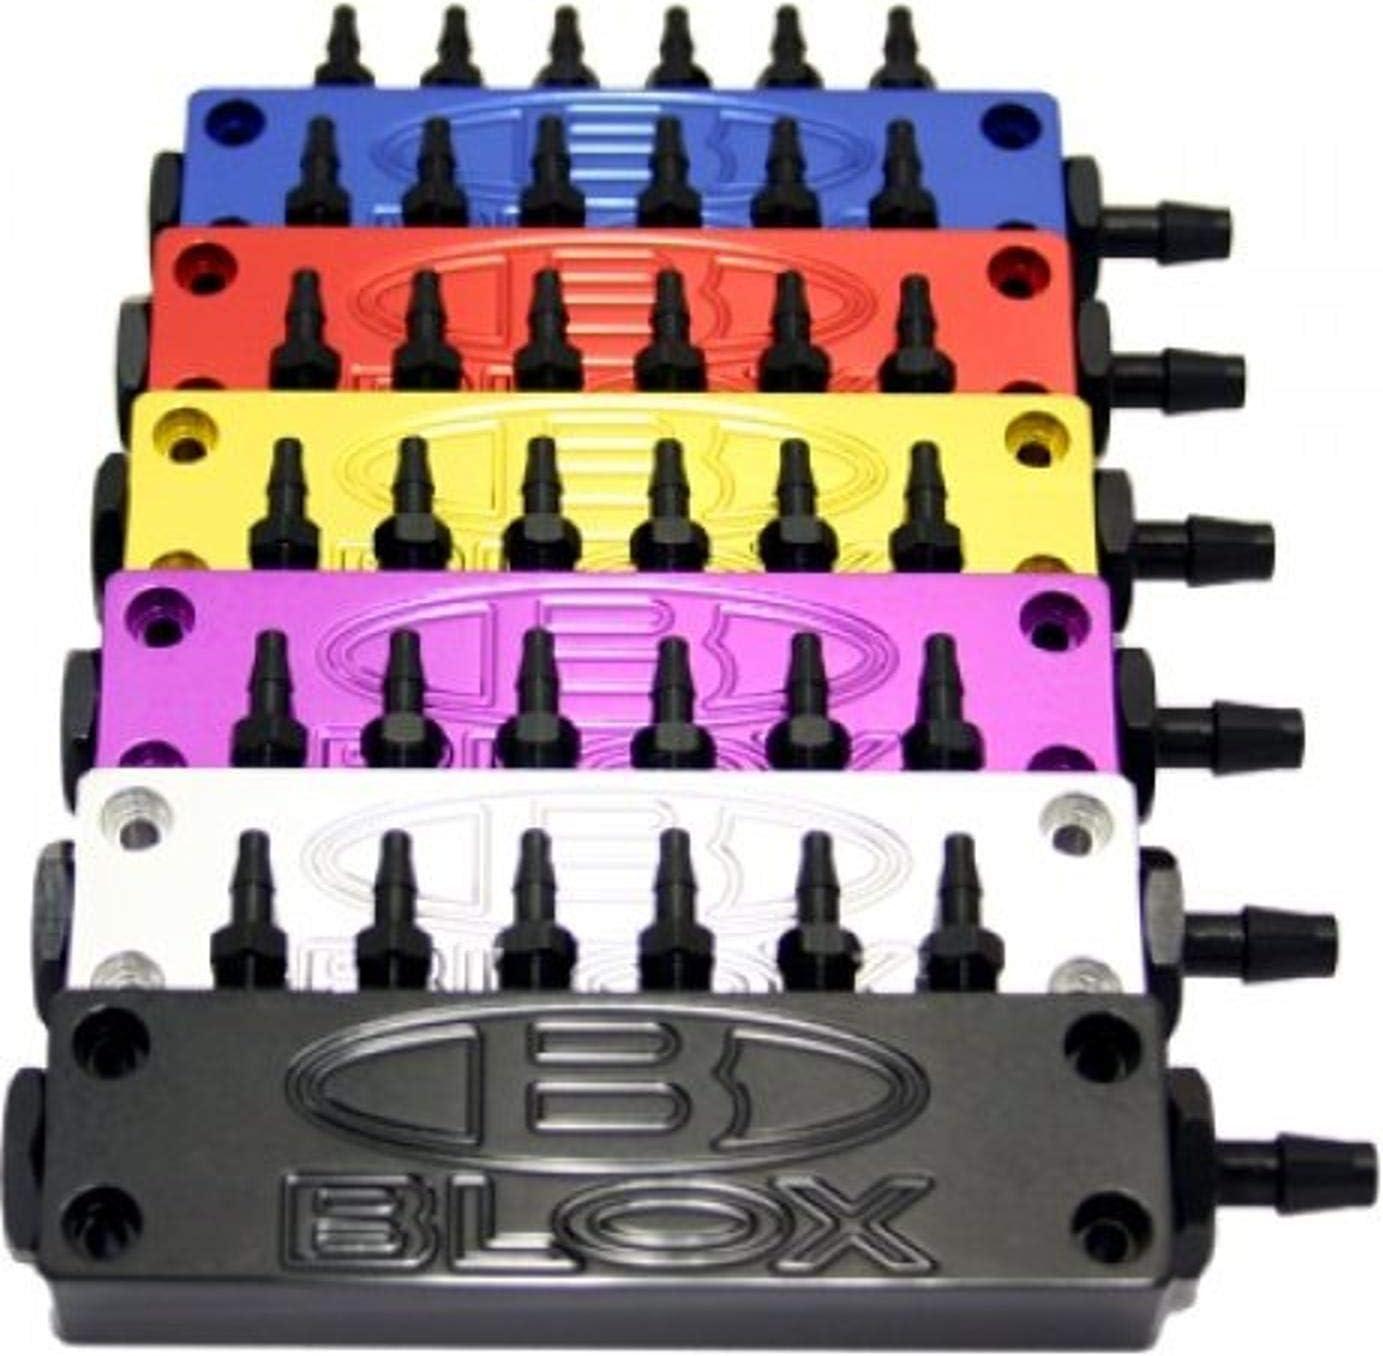 Surface-mount Vacuum Block - 6-Port; Billet Aluminum - Purple